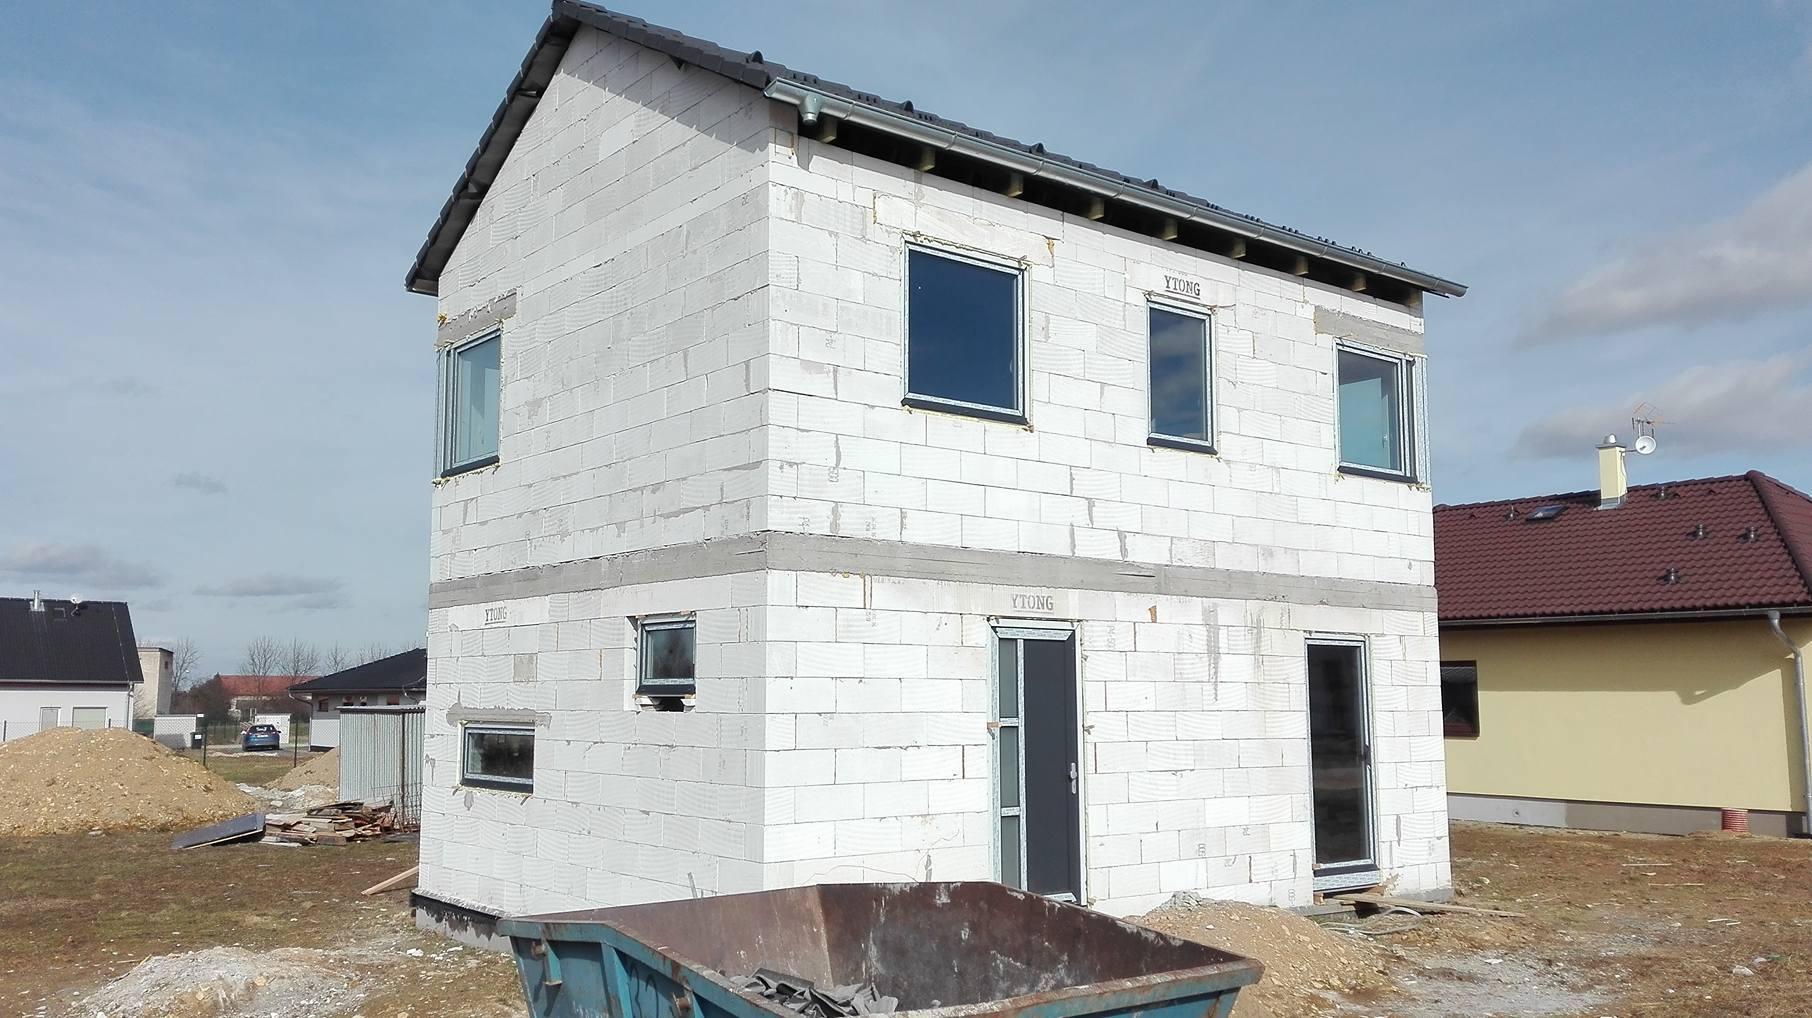 Stavba domu na kraji Prahy - Okna a dveře jsou na místě a my máme konečně přehled o tom, jak to skoro bude vypadat.